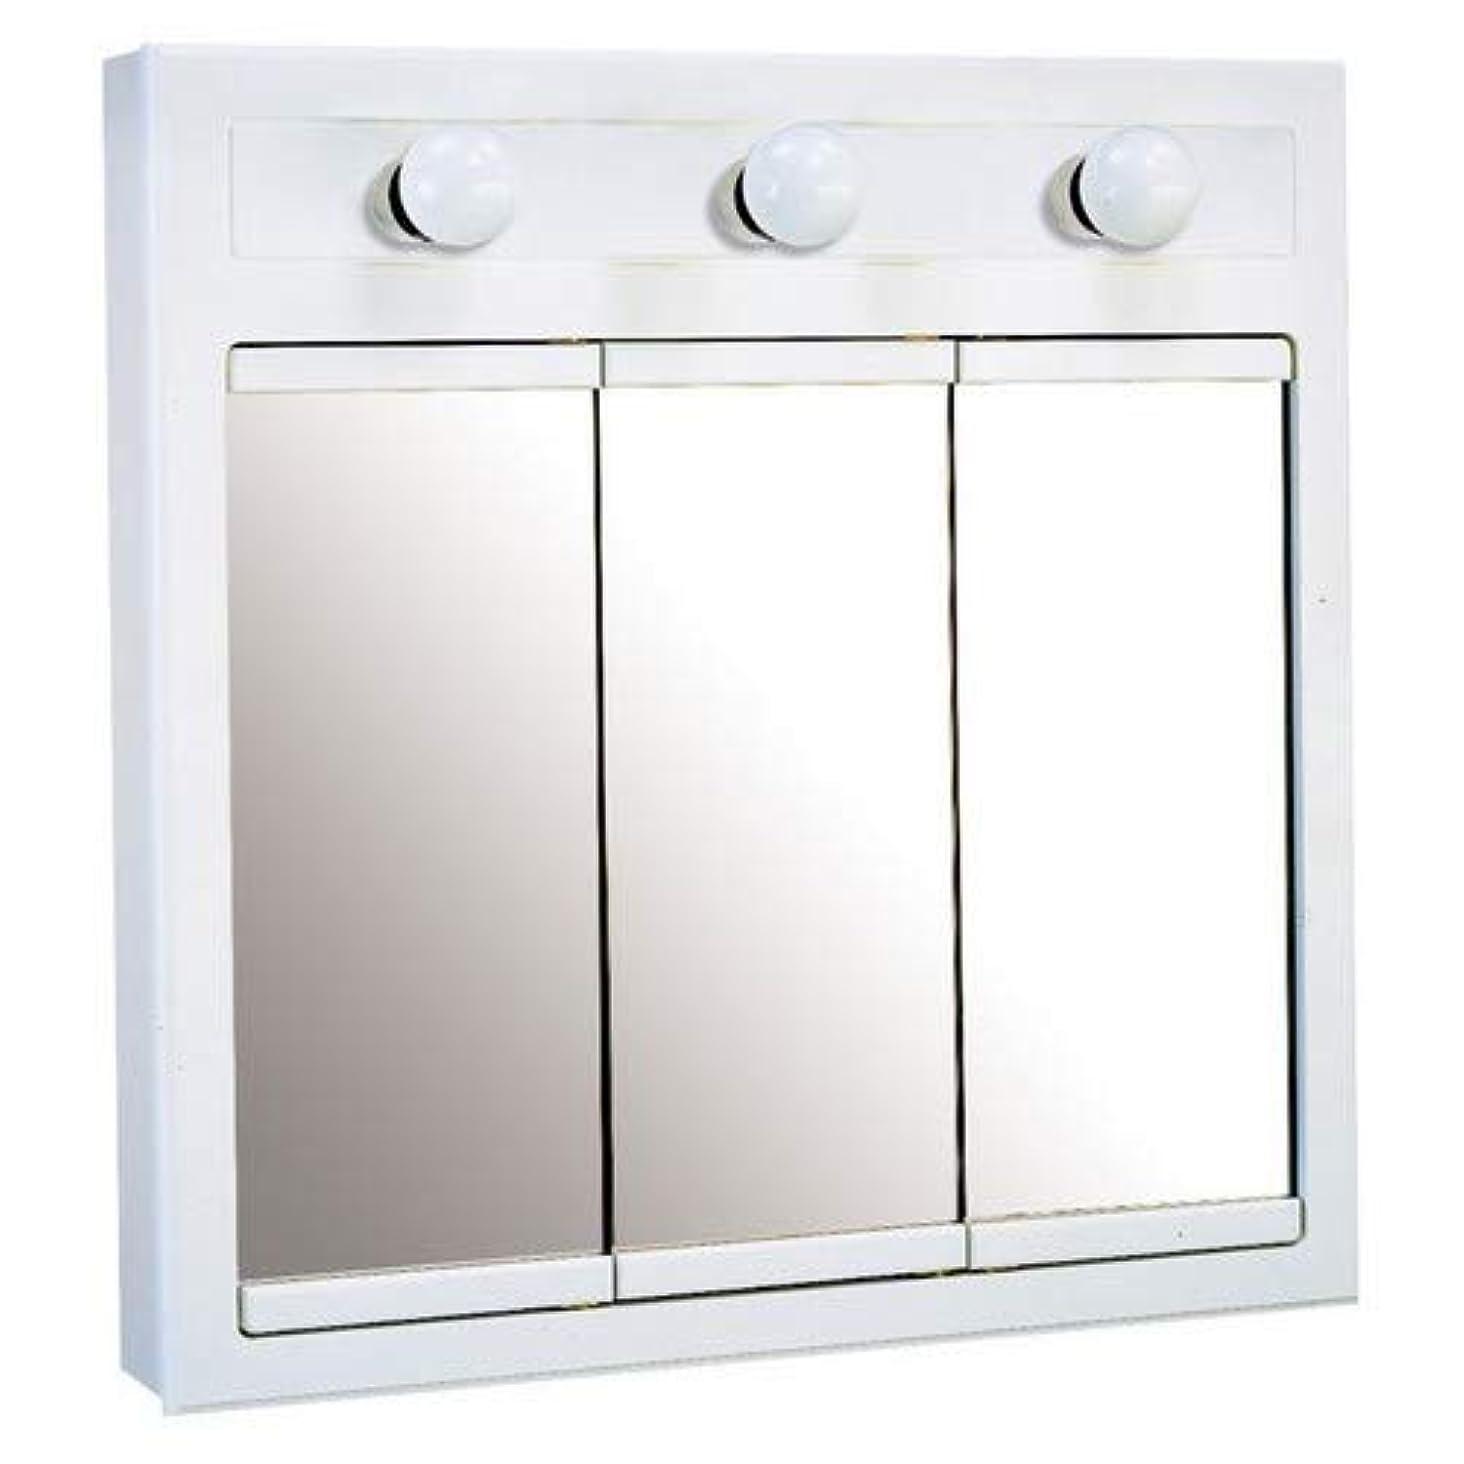 利用可能首第四デザインハウス532374 24インチコンコードready-to-assemble 3ライト薬キャビネット、ホワイト